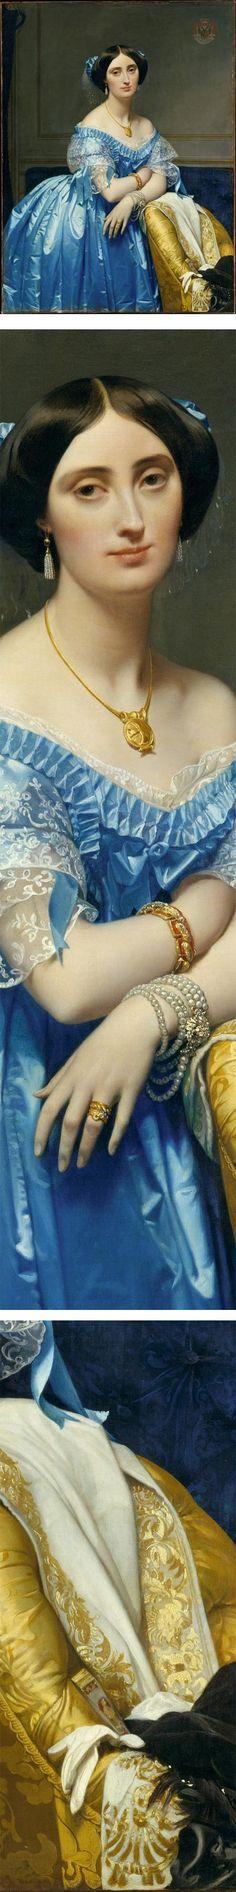 Joséphine-Éléonore-Marie-Pauline de Galard de Brassac de Béarn (1825–1860), Princesse de Broglie, Jean-Auguste-Dominique Ingres